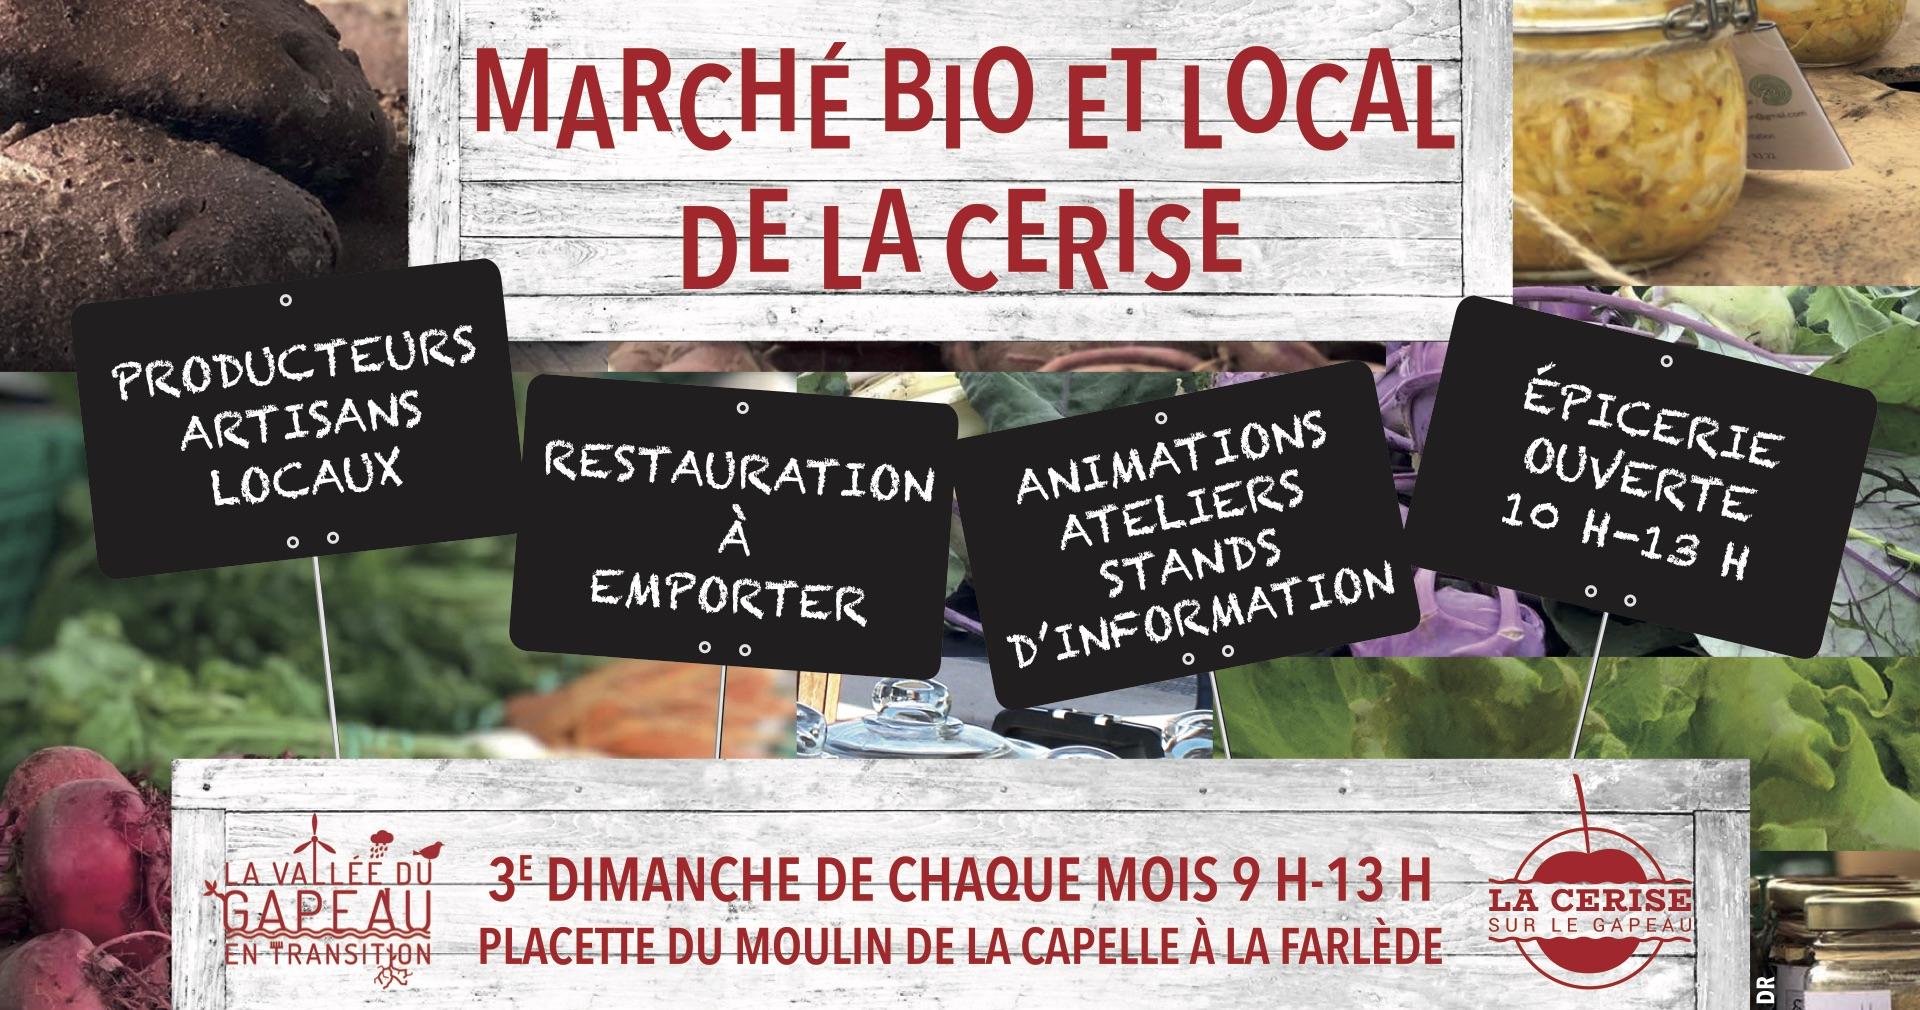 Marché Bio et Local de la Cerise - La Farlède